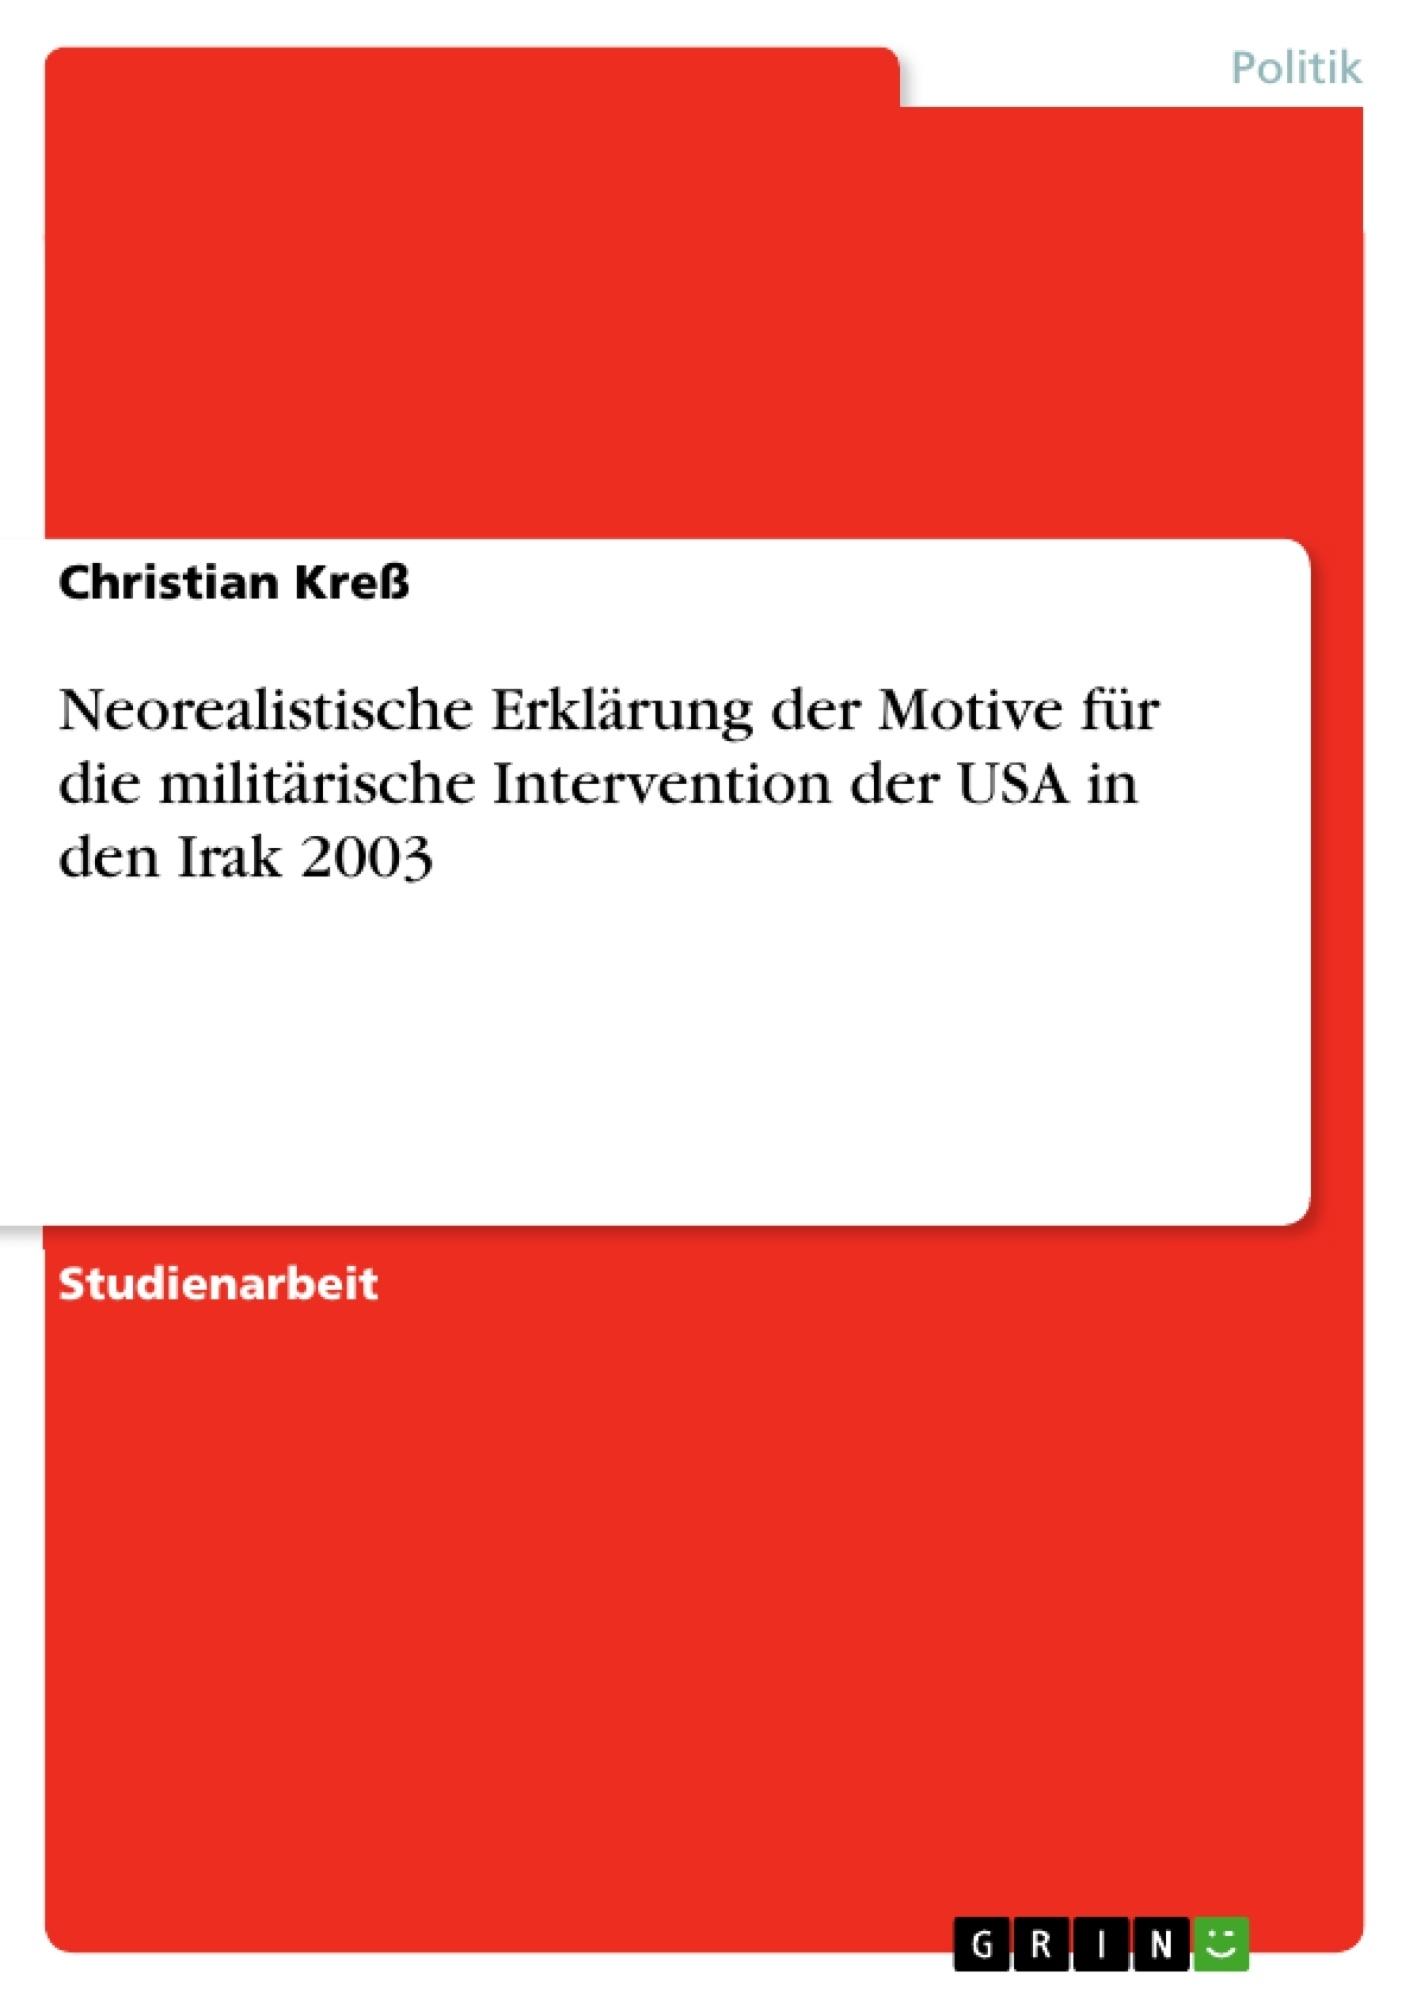 Titel: Neorealistische Erklärung der Motive für die militärische Intervention der USA in den Irak 2003